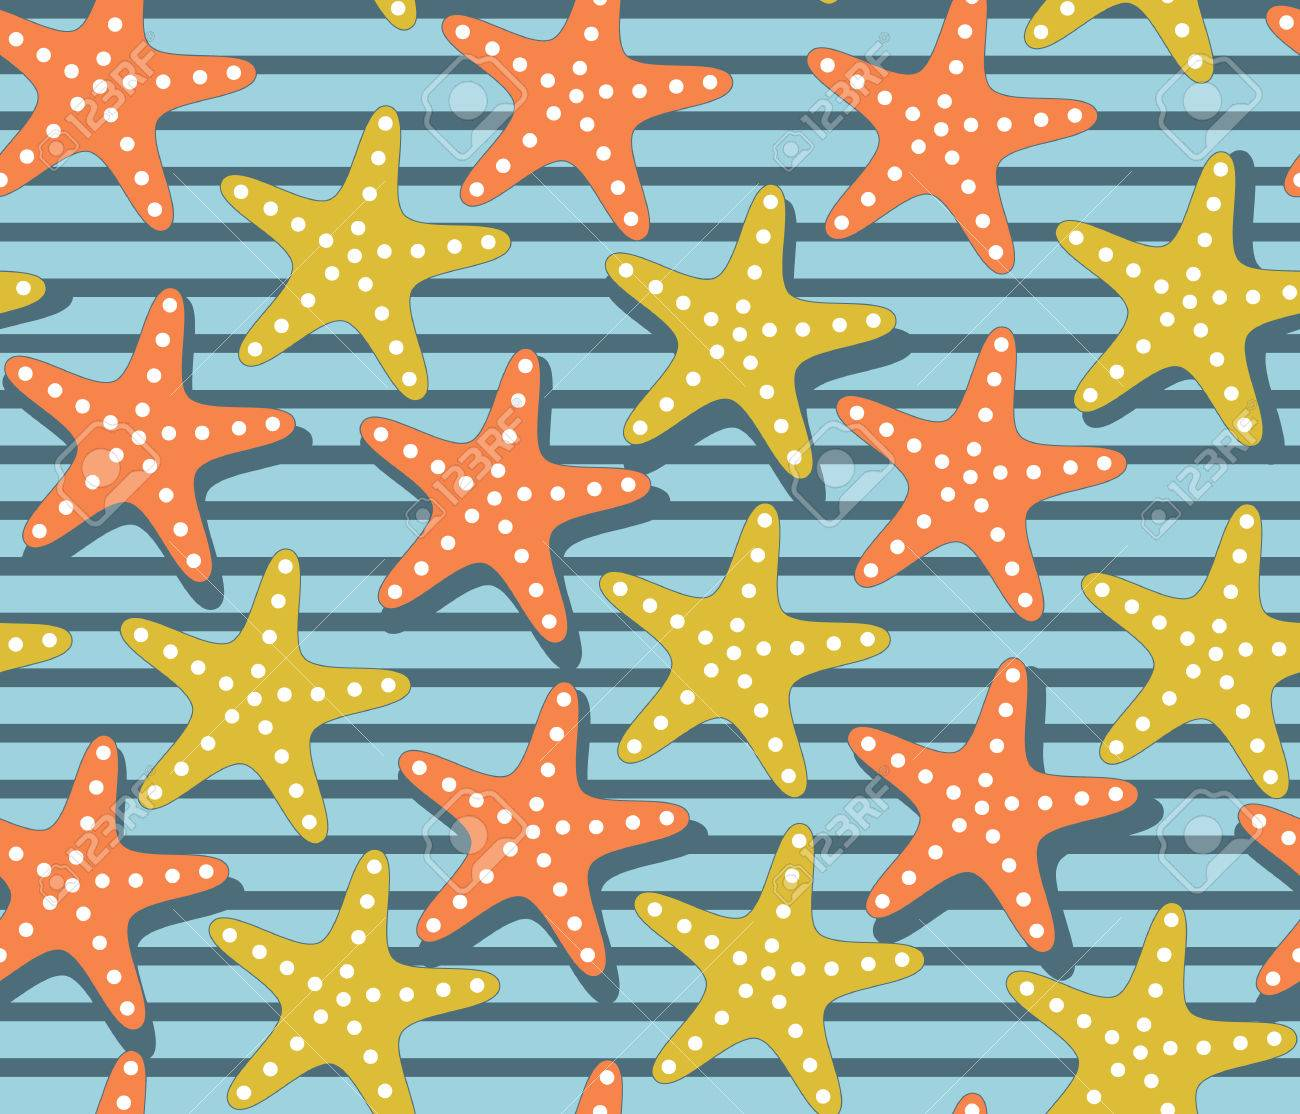 Papier Peint Jaune Moutarde motif coloré avec des rayures nautiques et des étoiles de mer. palette  d'été lumineuse pour le textile, le scrapbooking, le papier peint et les  sacs.